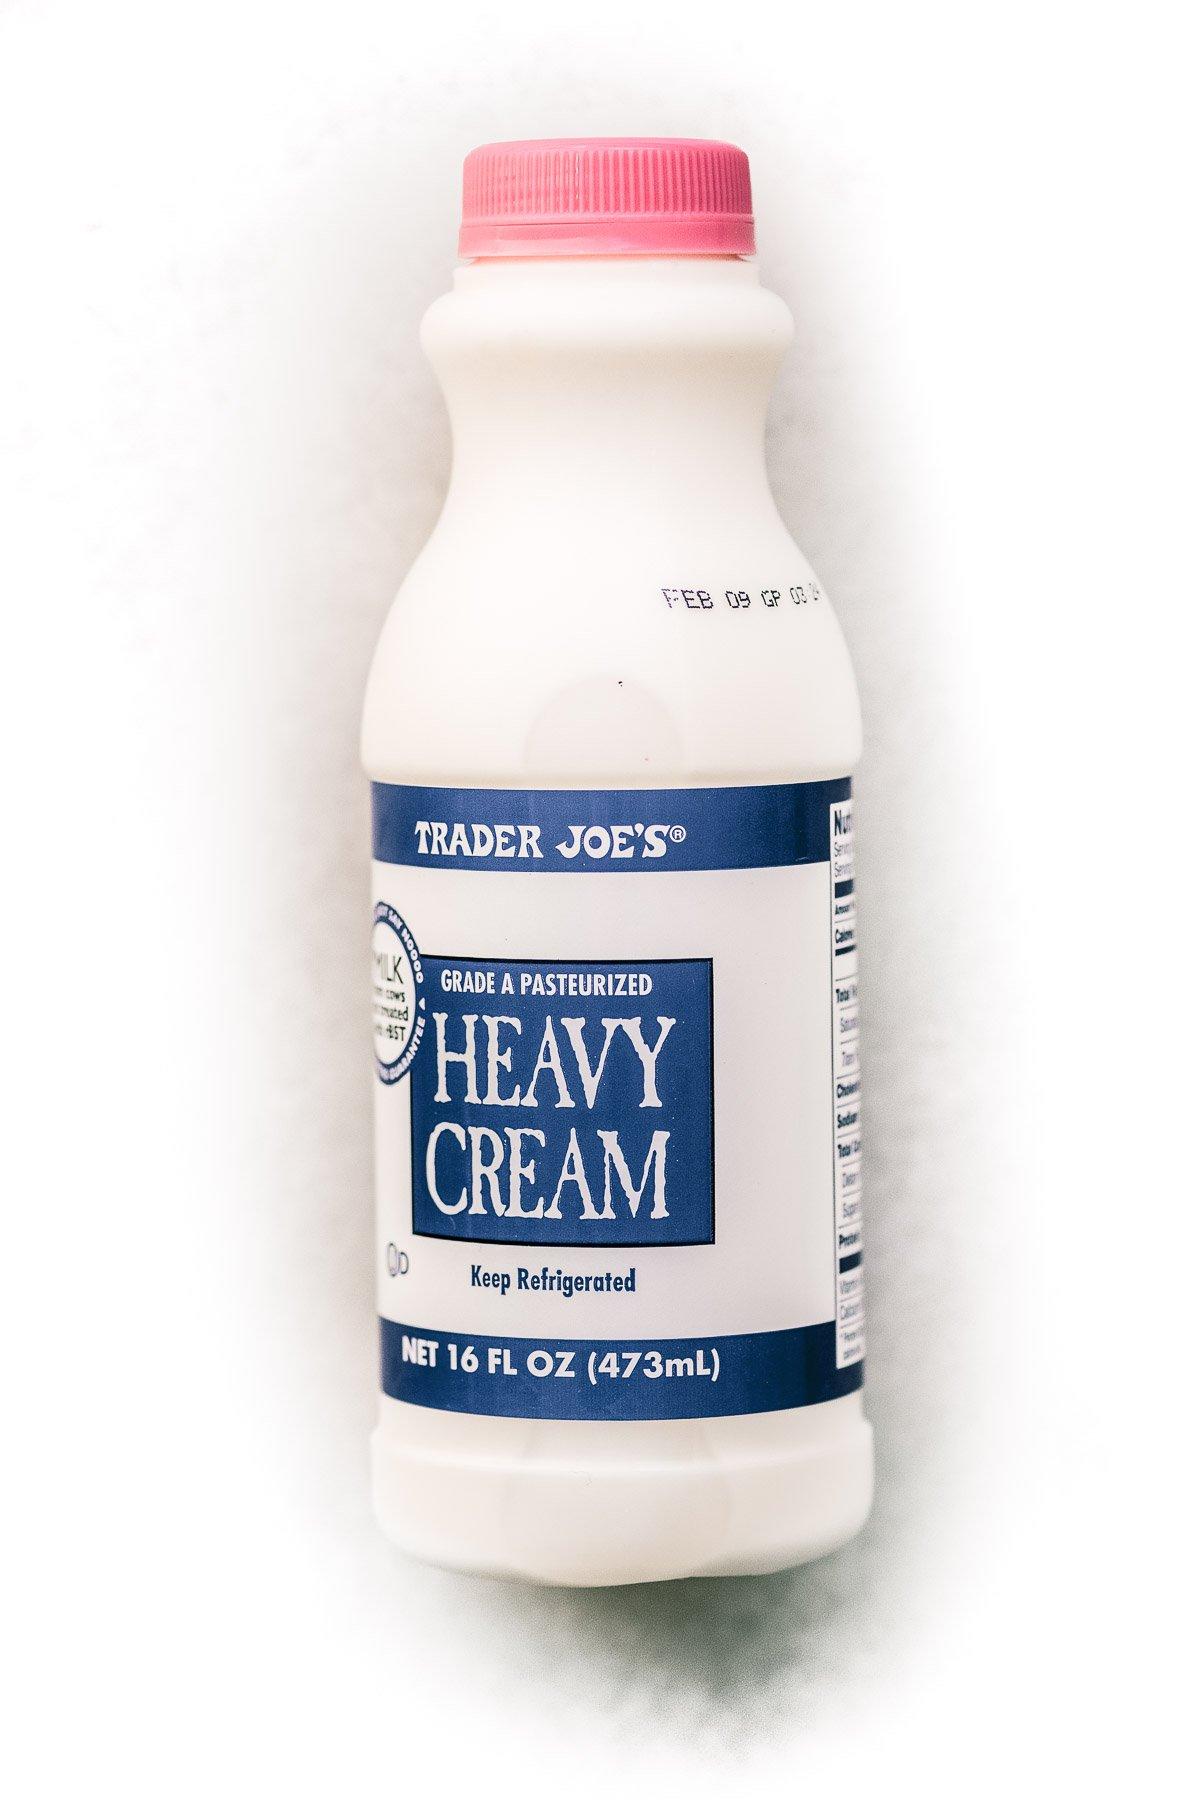 Trader Joe's Heavy Cream